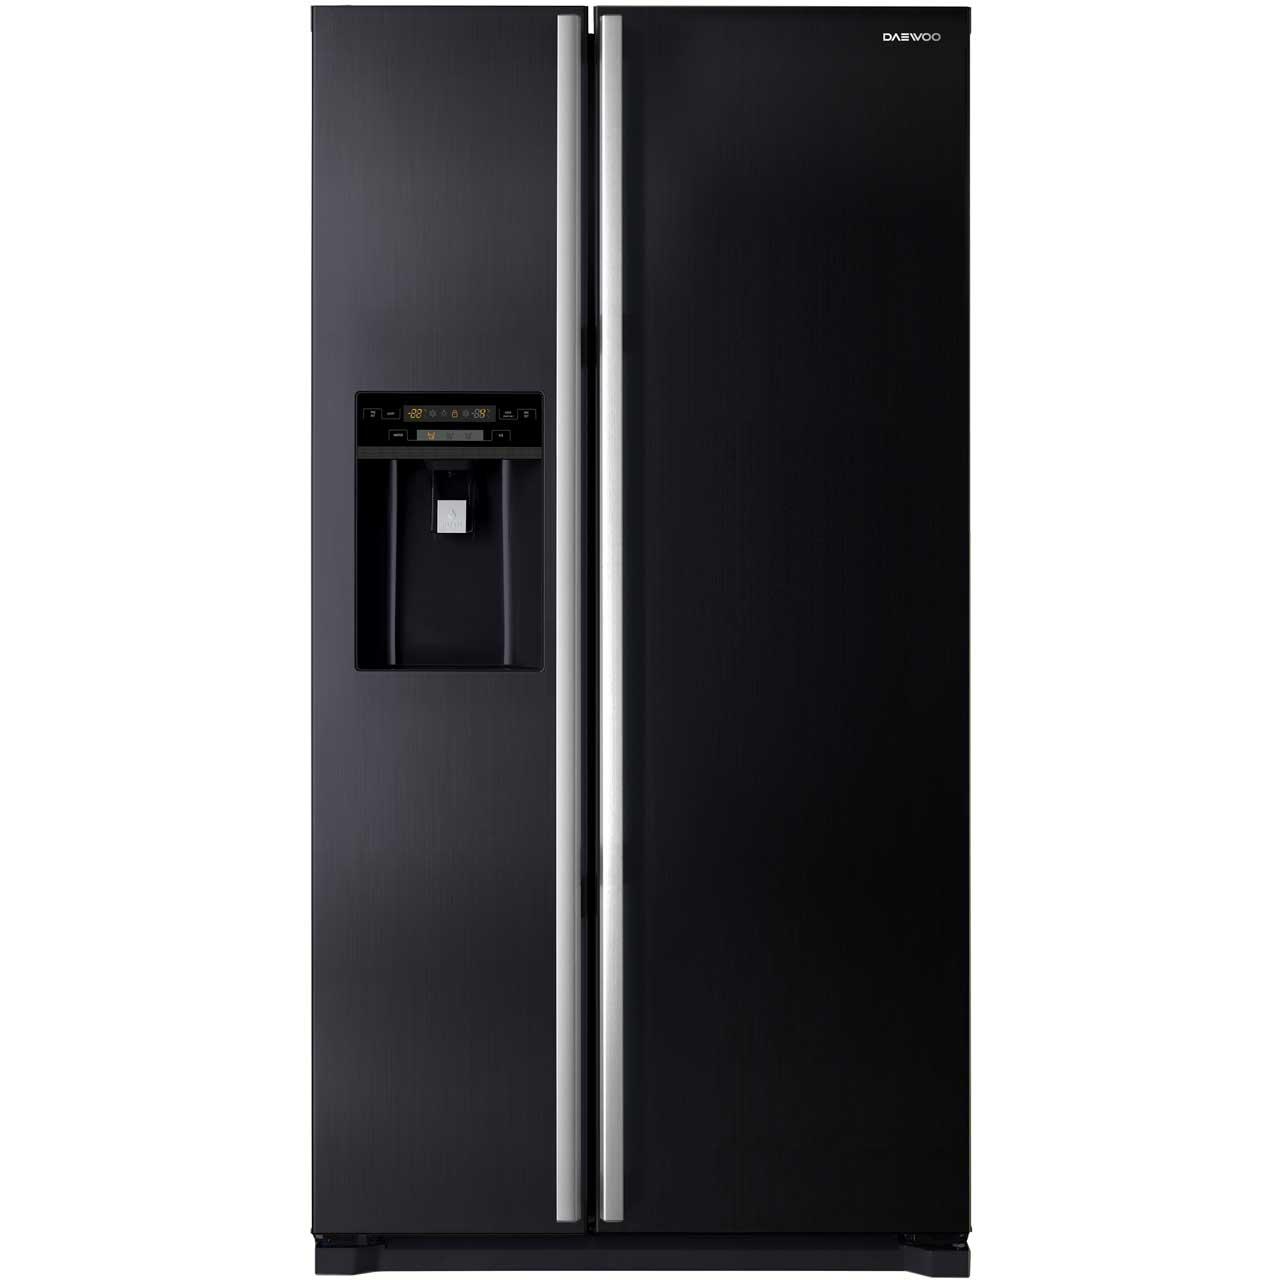 Двухкамерный холодильник daewoo rn-t455npw